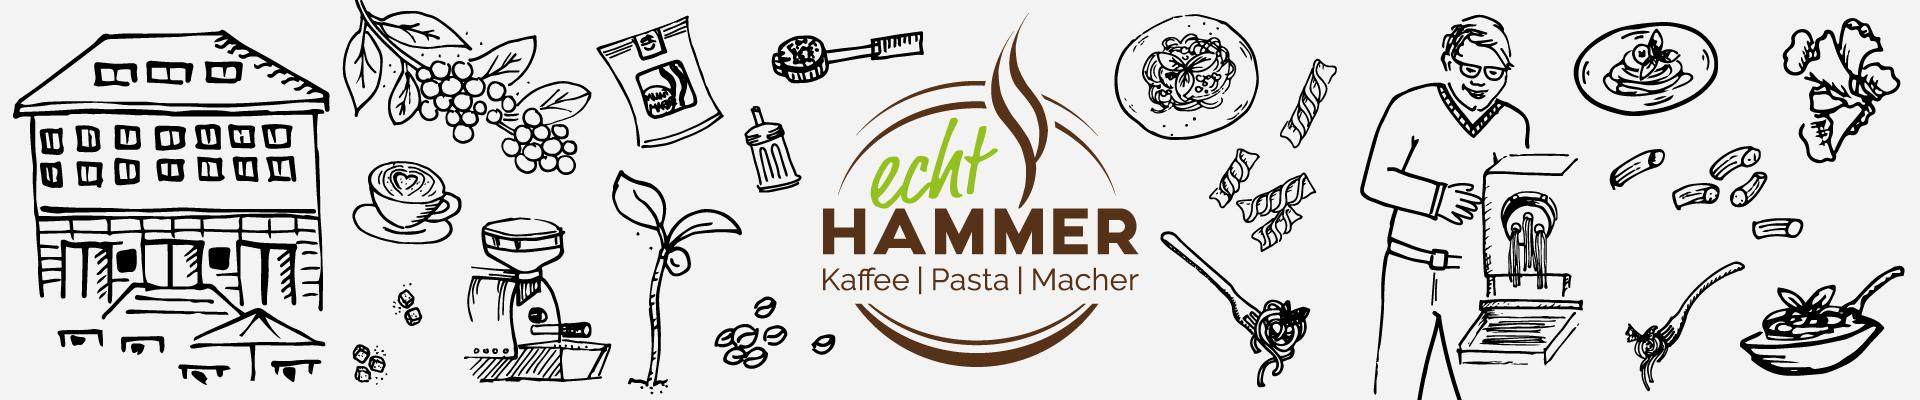 echt Hammer Shop